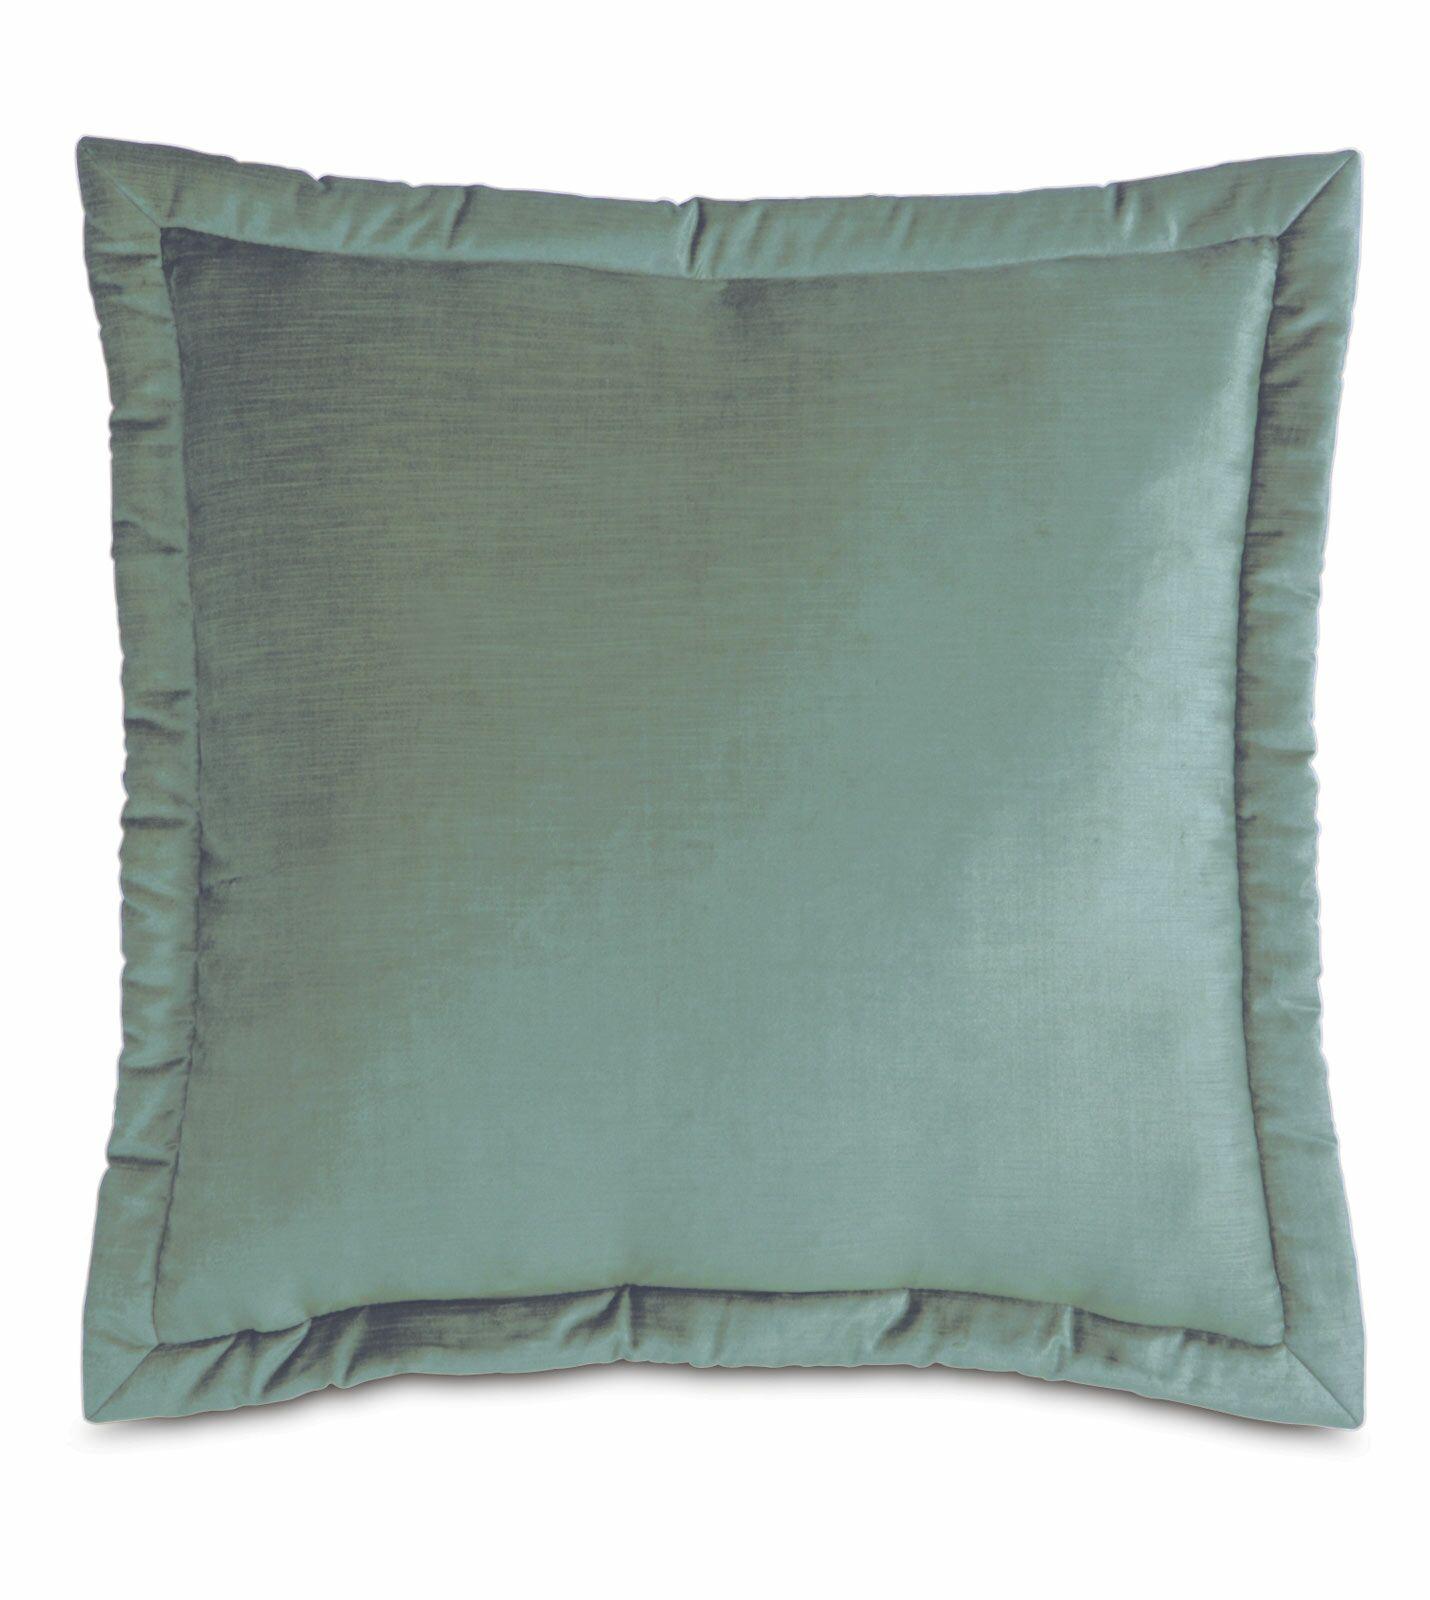 Lucerne Reuss Mitered Flange Velvet Sham Size: 27